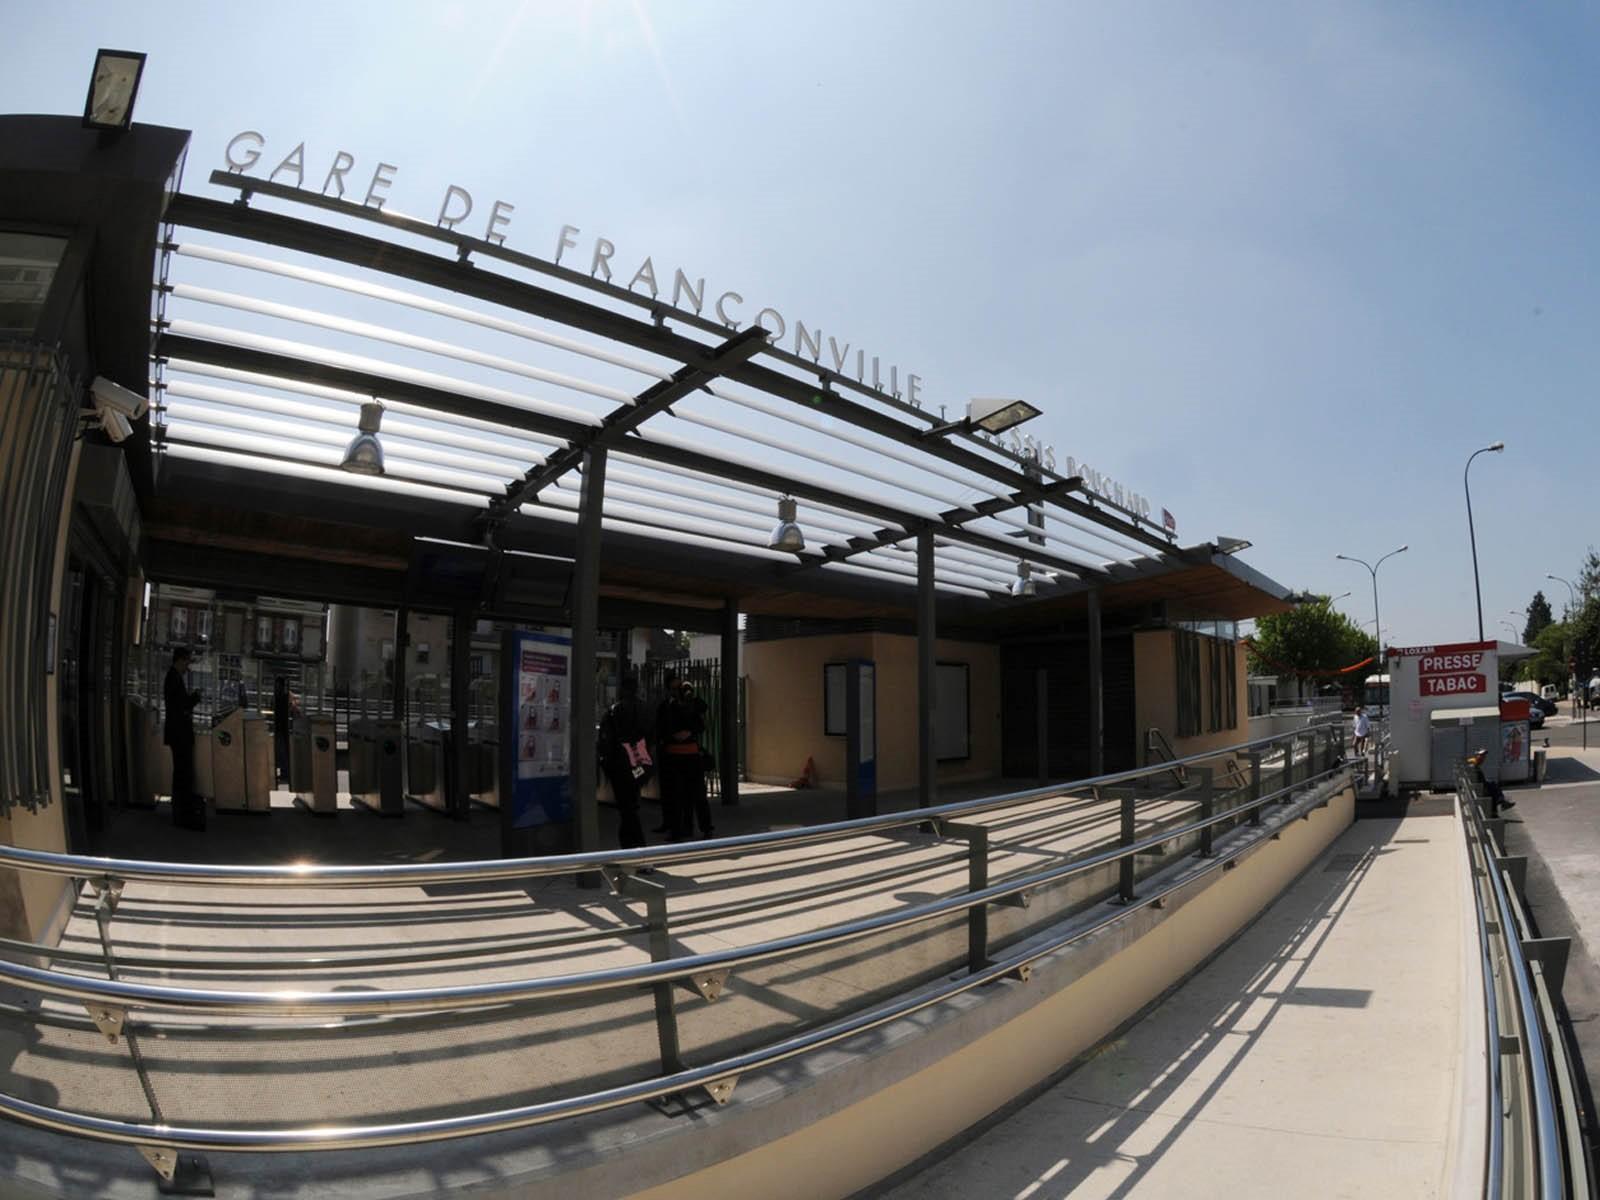 Gare de franconville le plessis bourchard horaires - Horaire piscine l isle adam ...